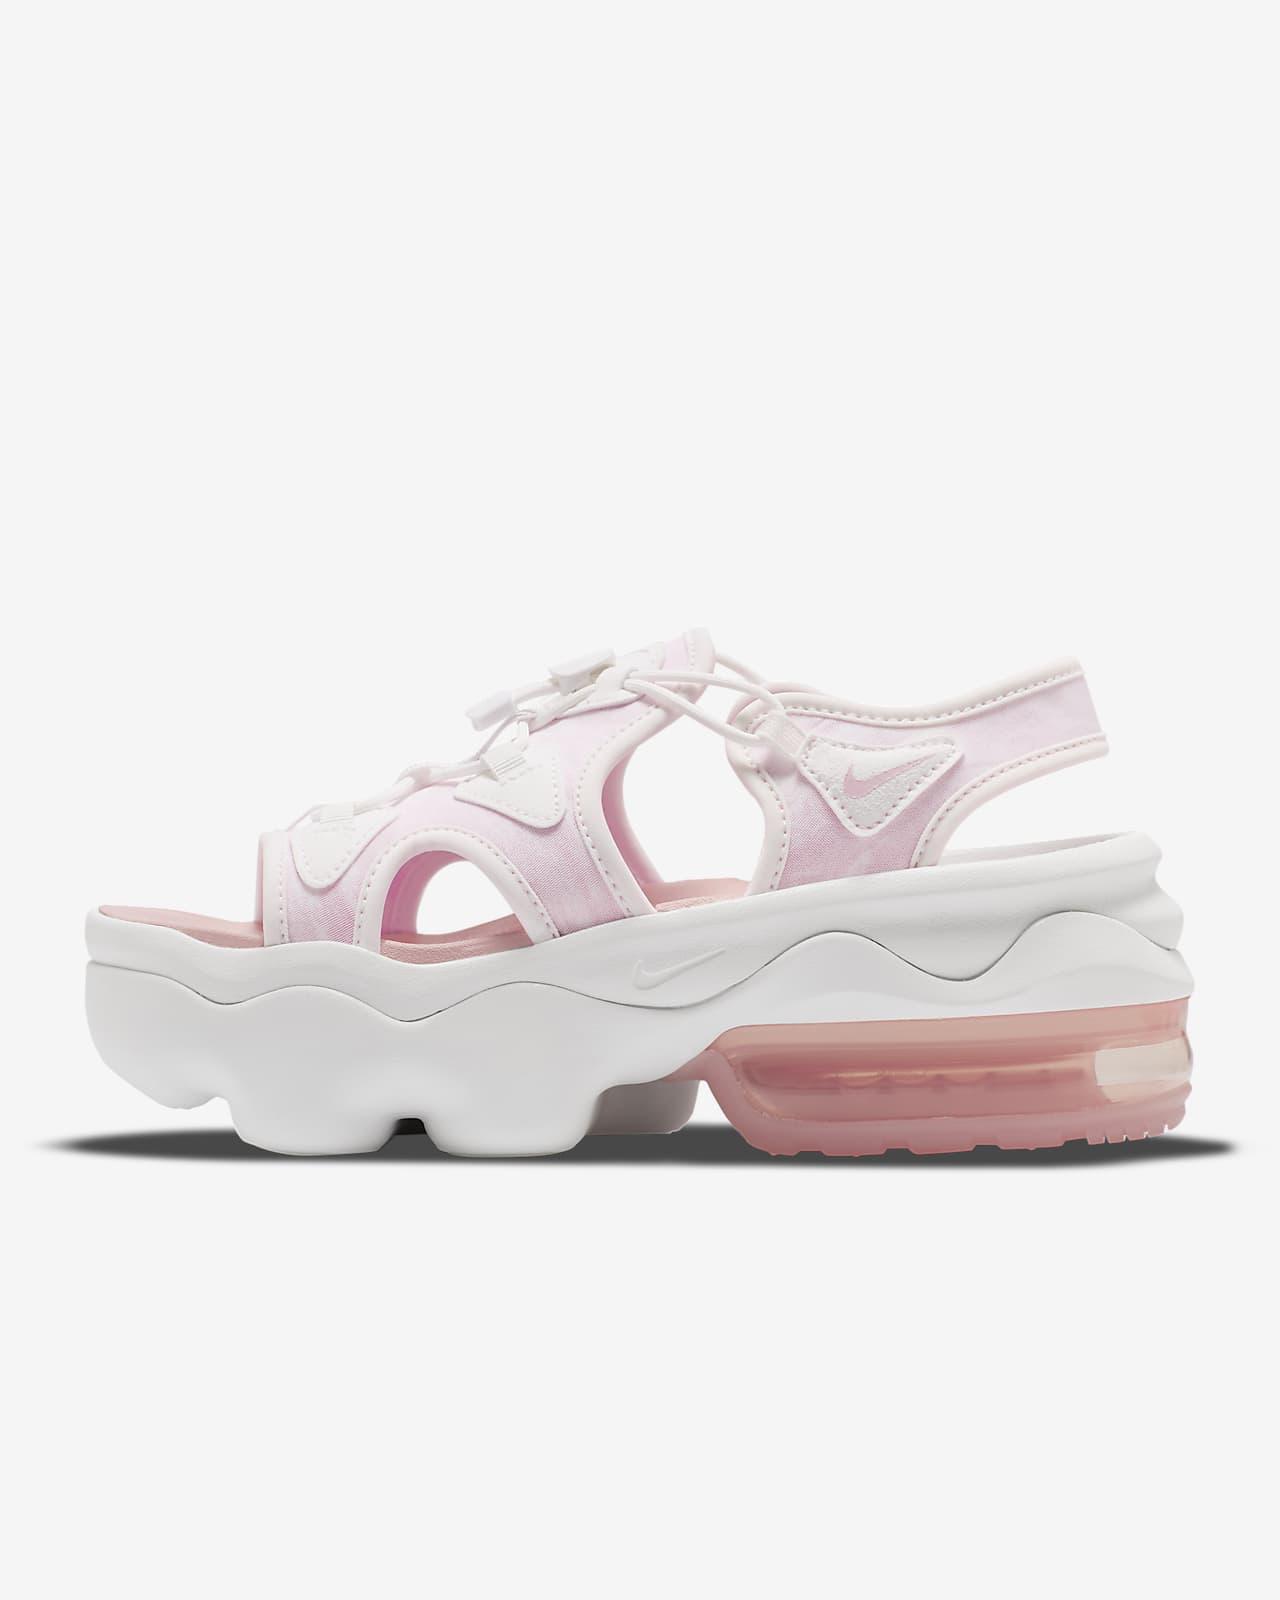 Nike Air Max Koko Sandal 女子凉鞋